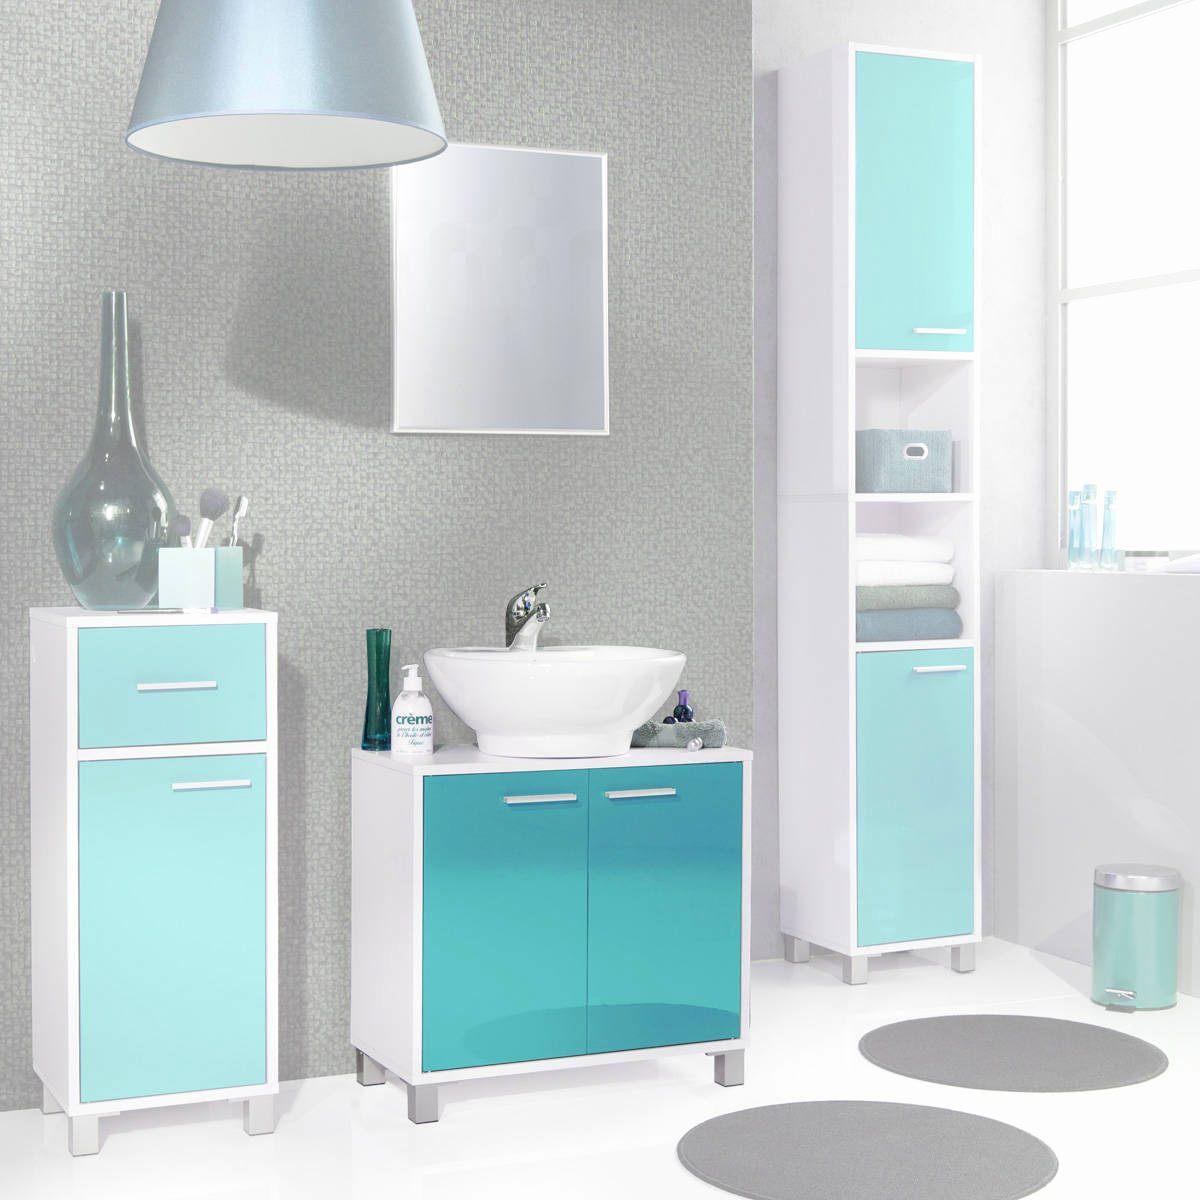 Meuble sous Vasque Ikea Beau Image Meuble sous Vasque Ikea De Luxe Meuble sous Vasque Ikea Inspirant